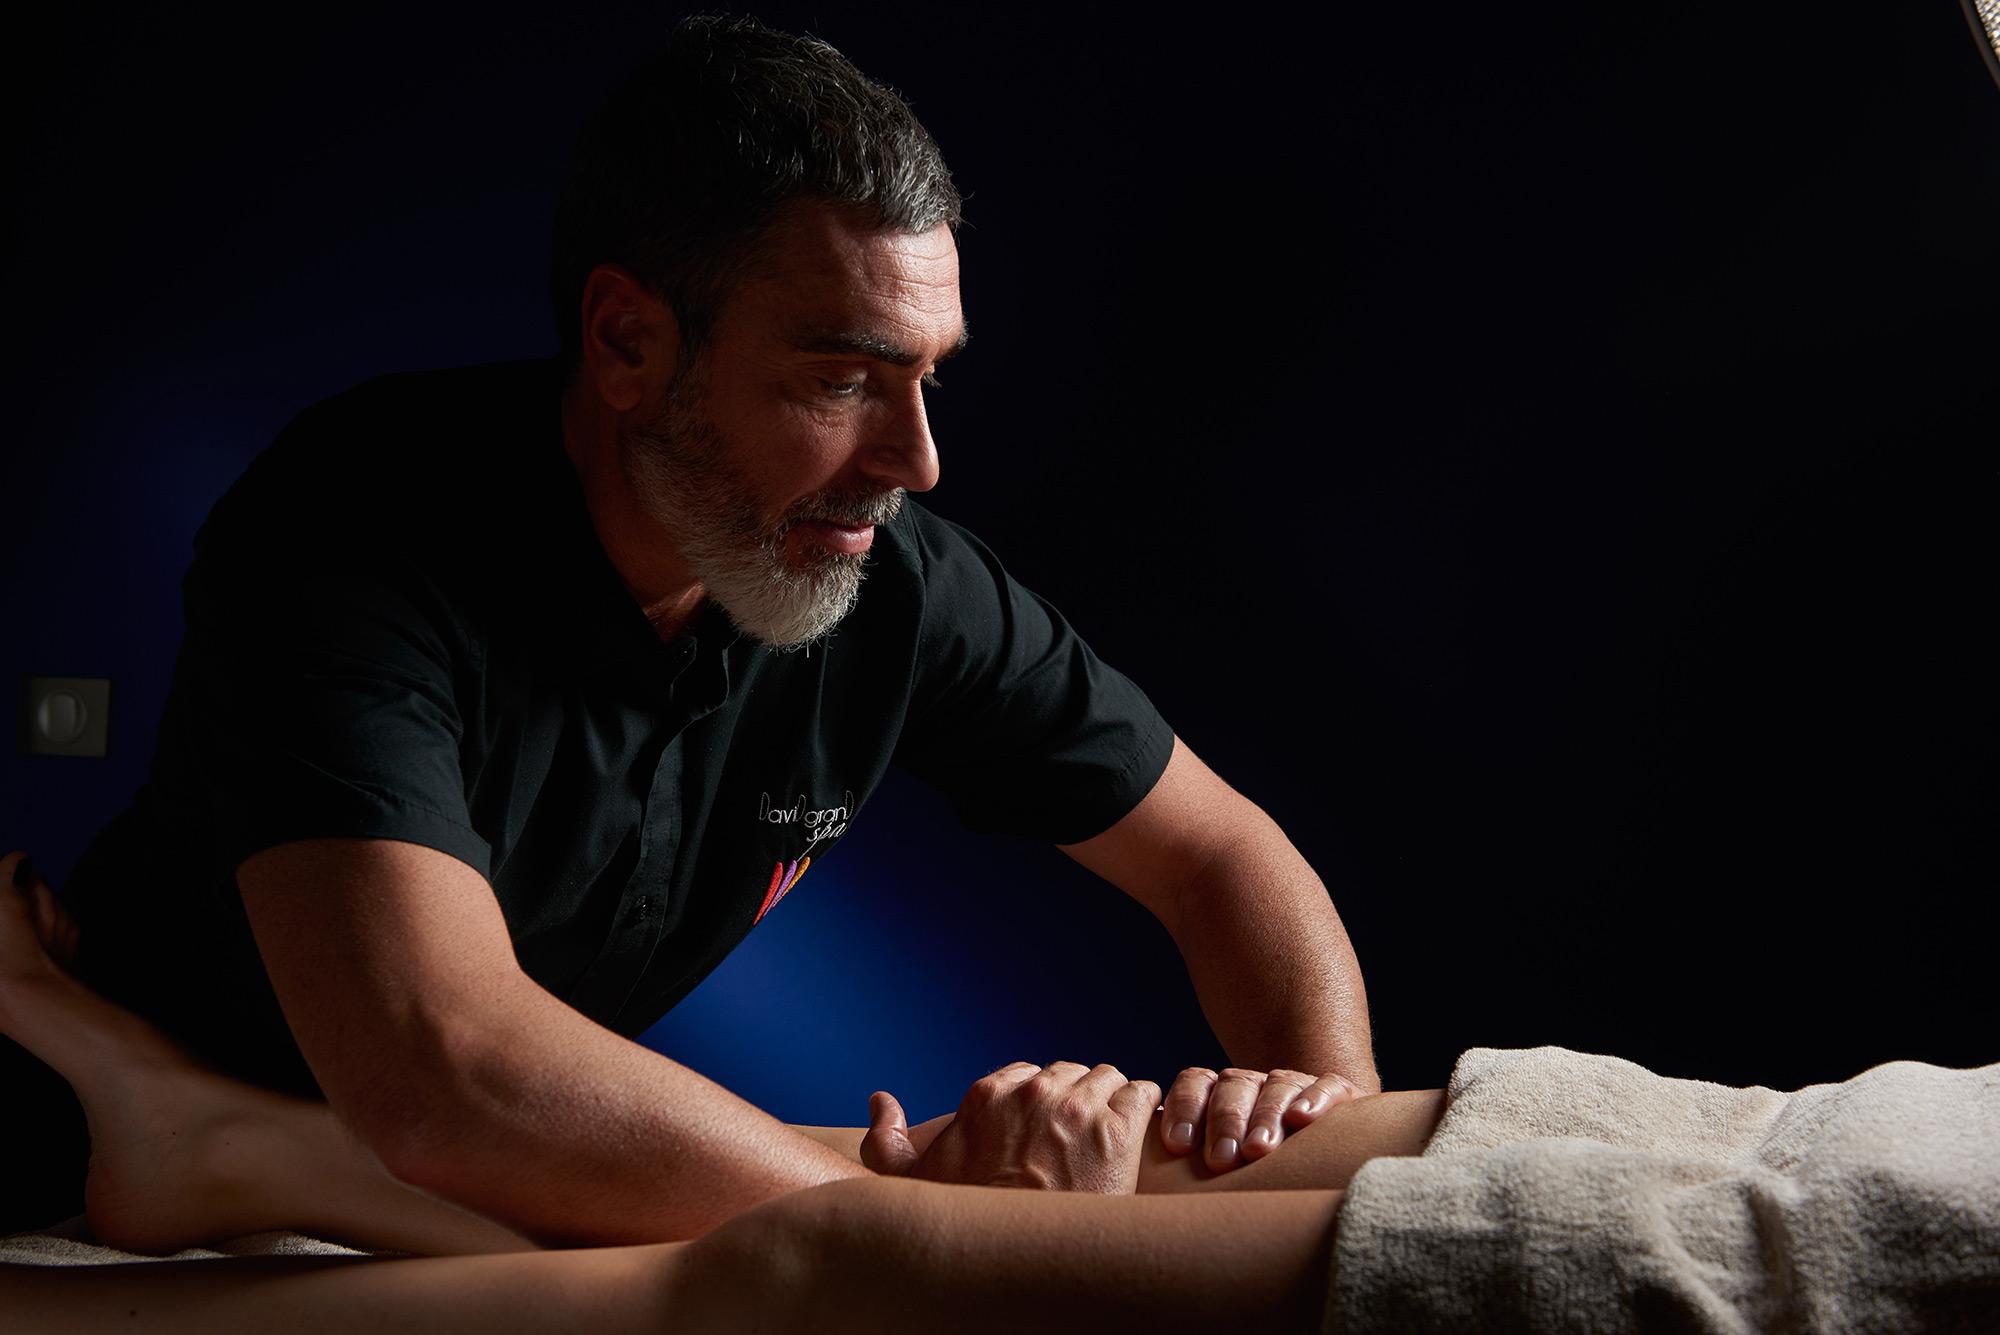 Un homme praticien réalise un massage d'une cuisse